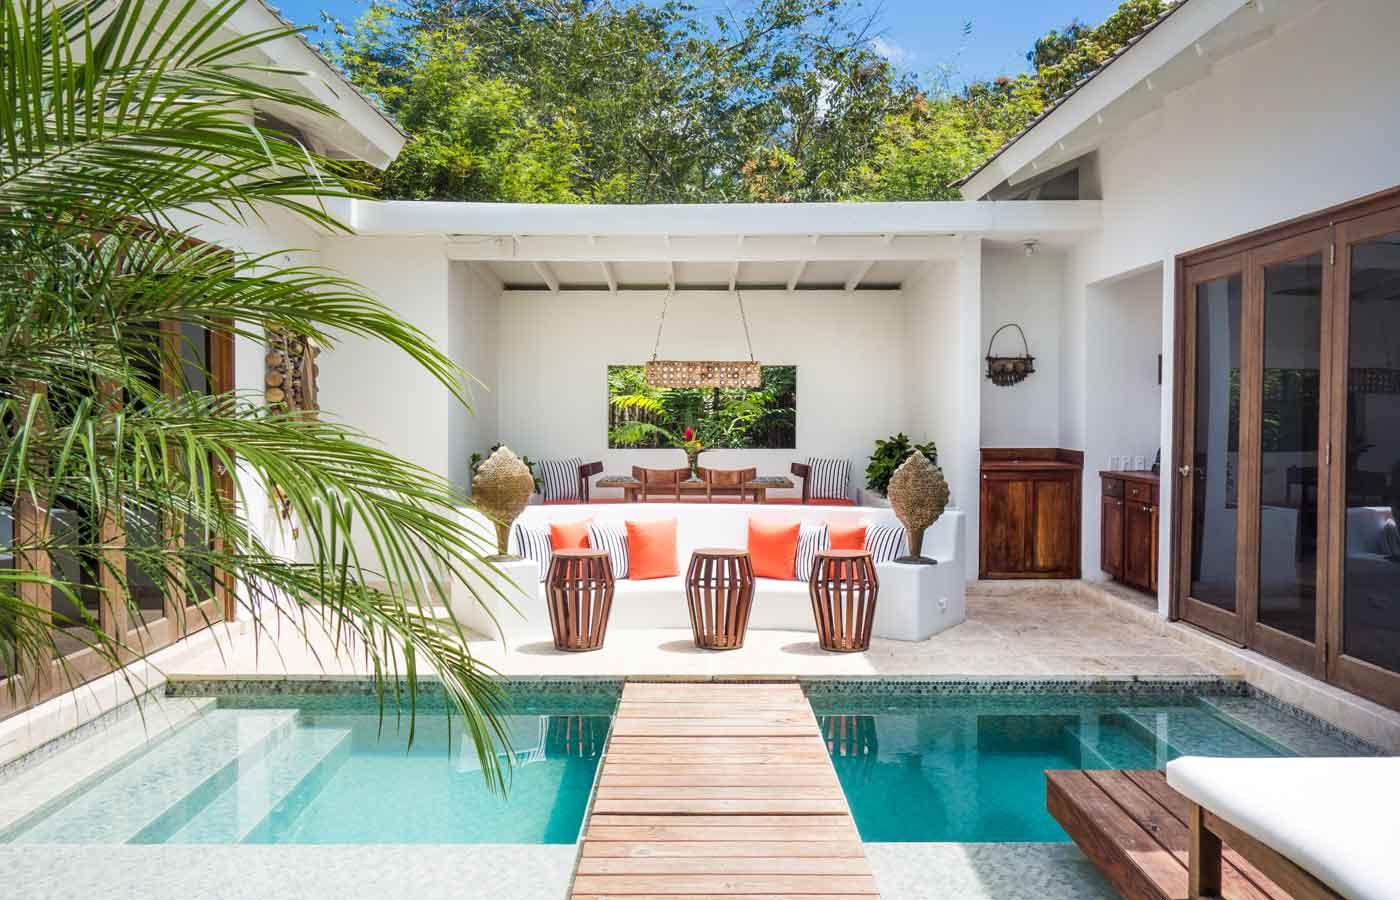 Ka'ana Resort, San Ignacio, Belize